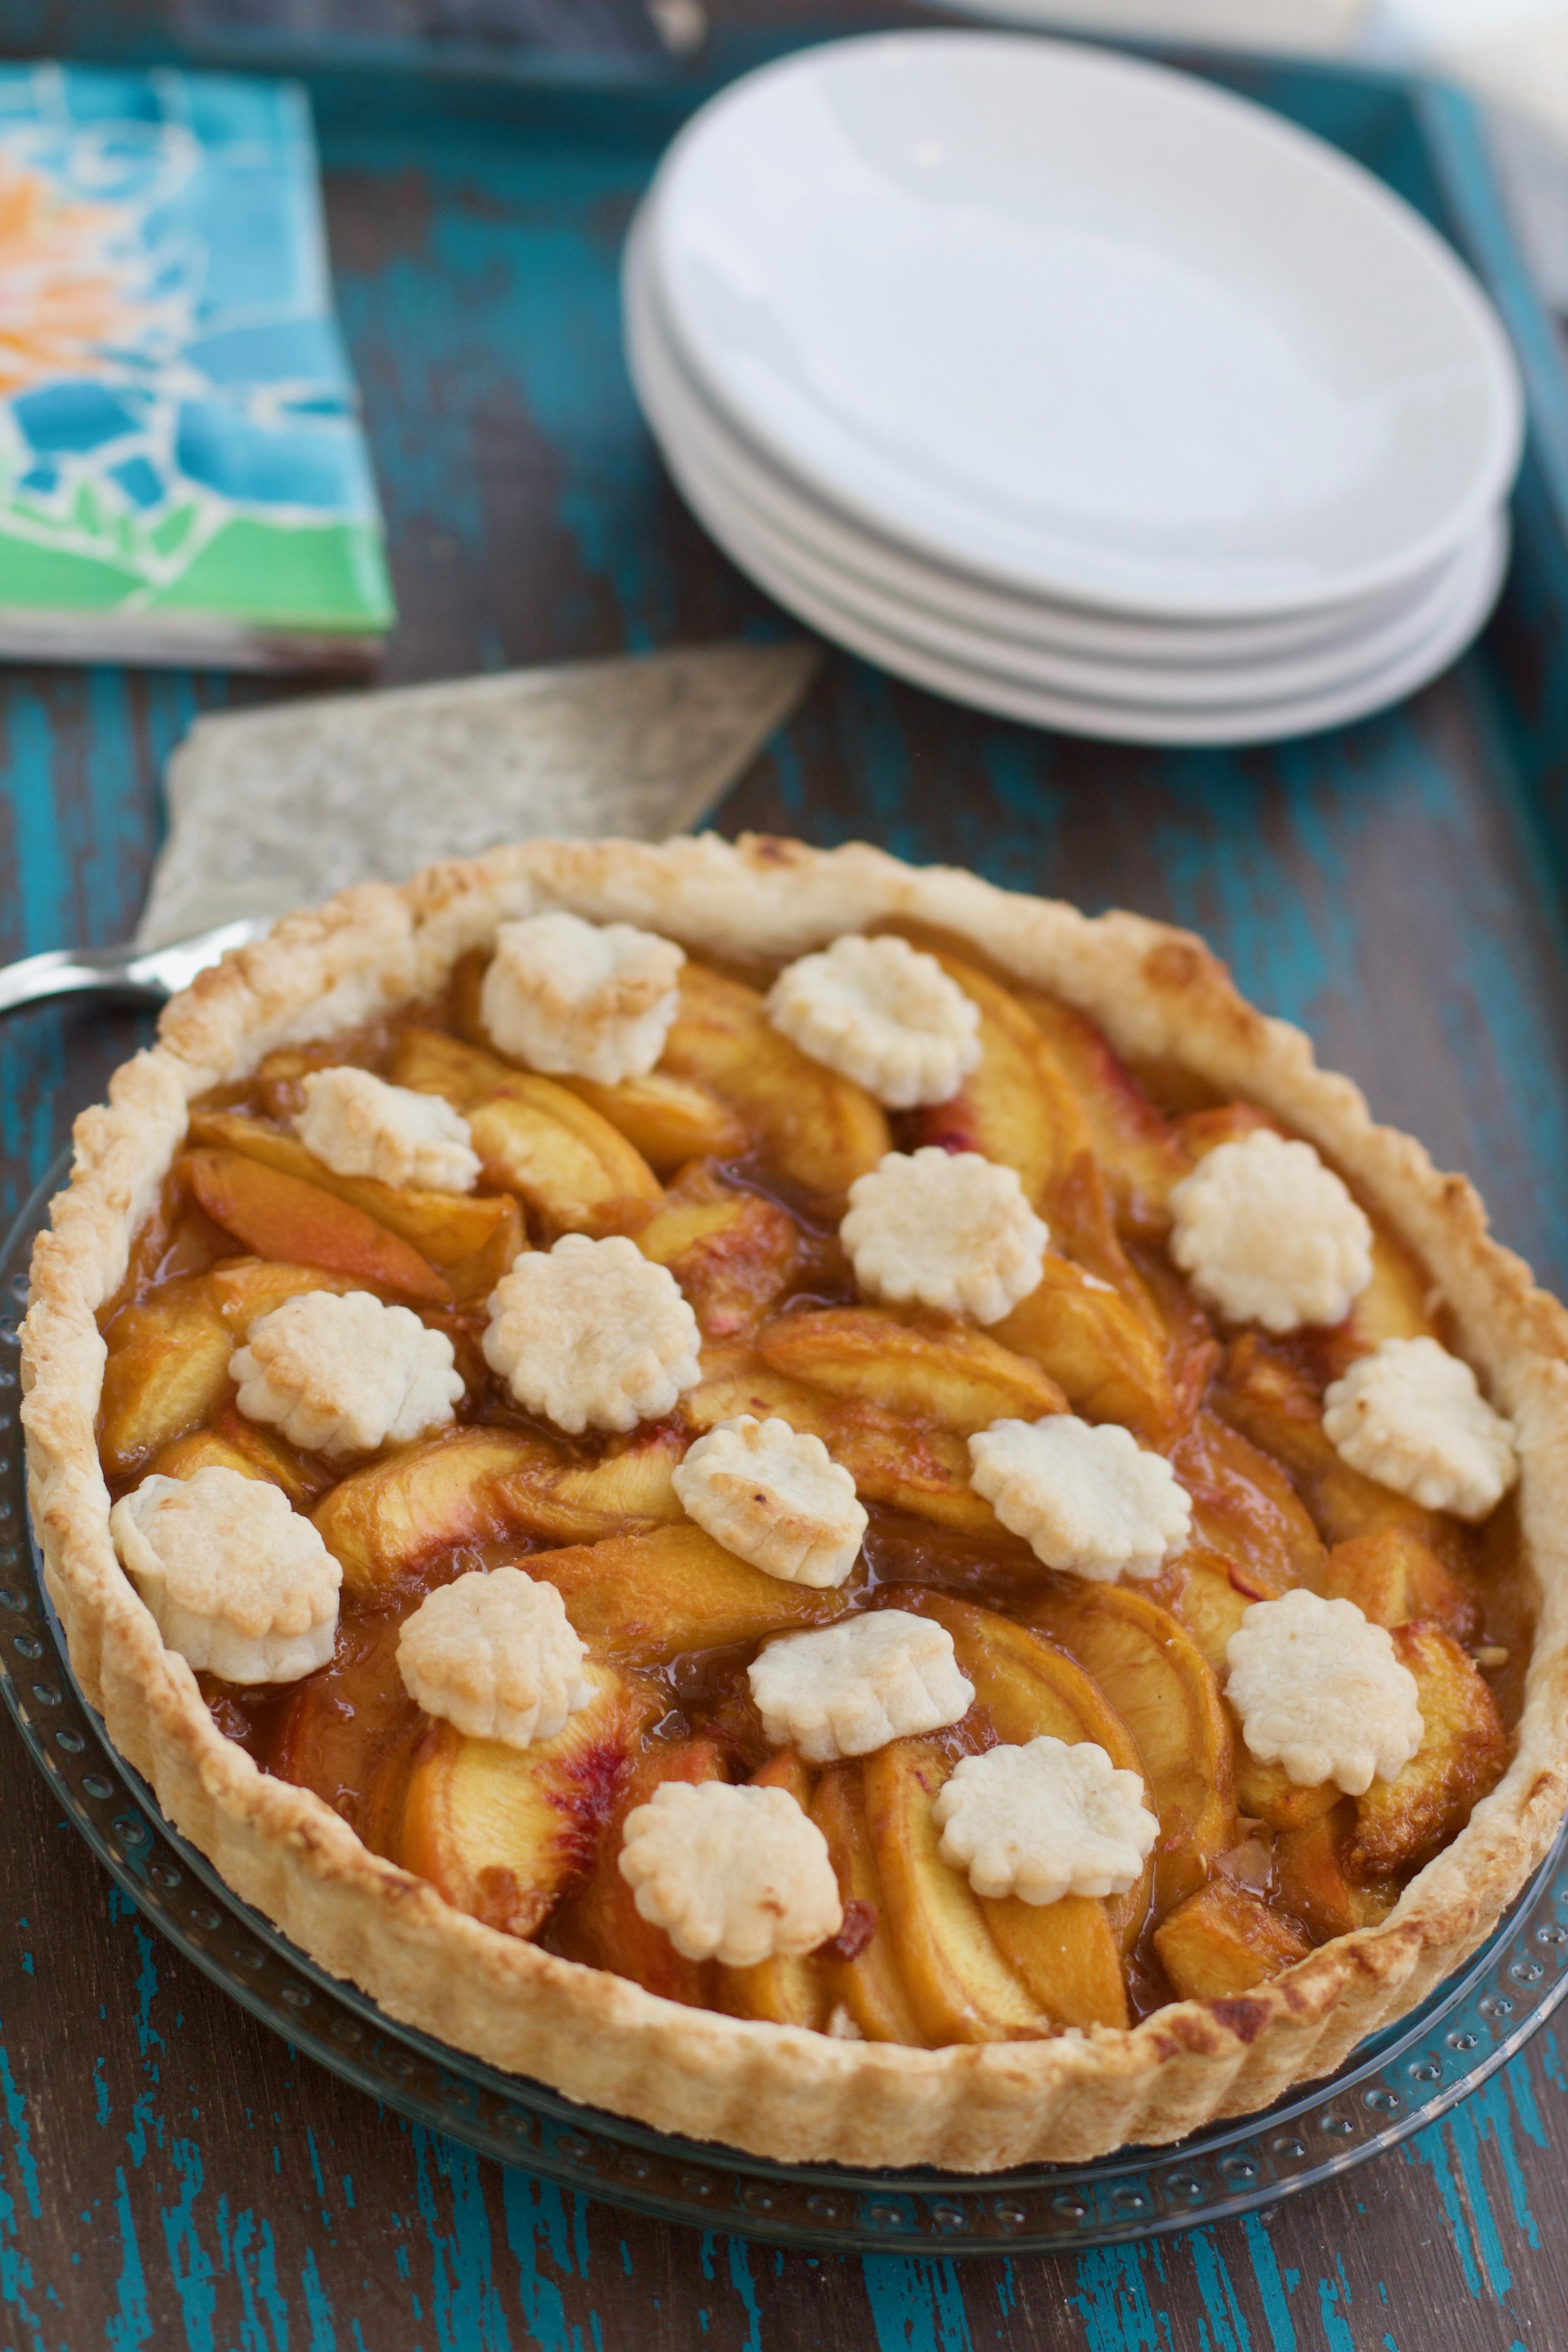 Gluten Free Peach Tart from Spinach TIger